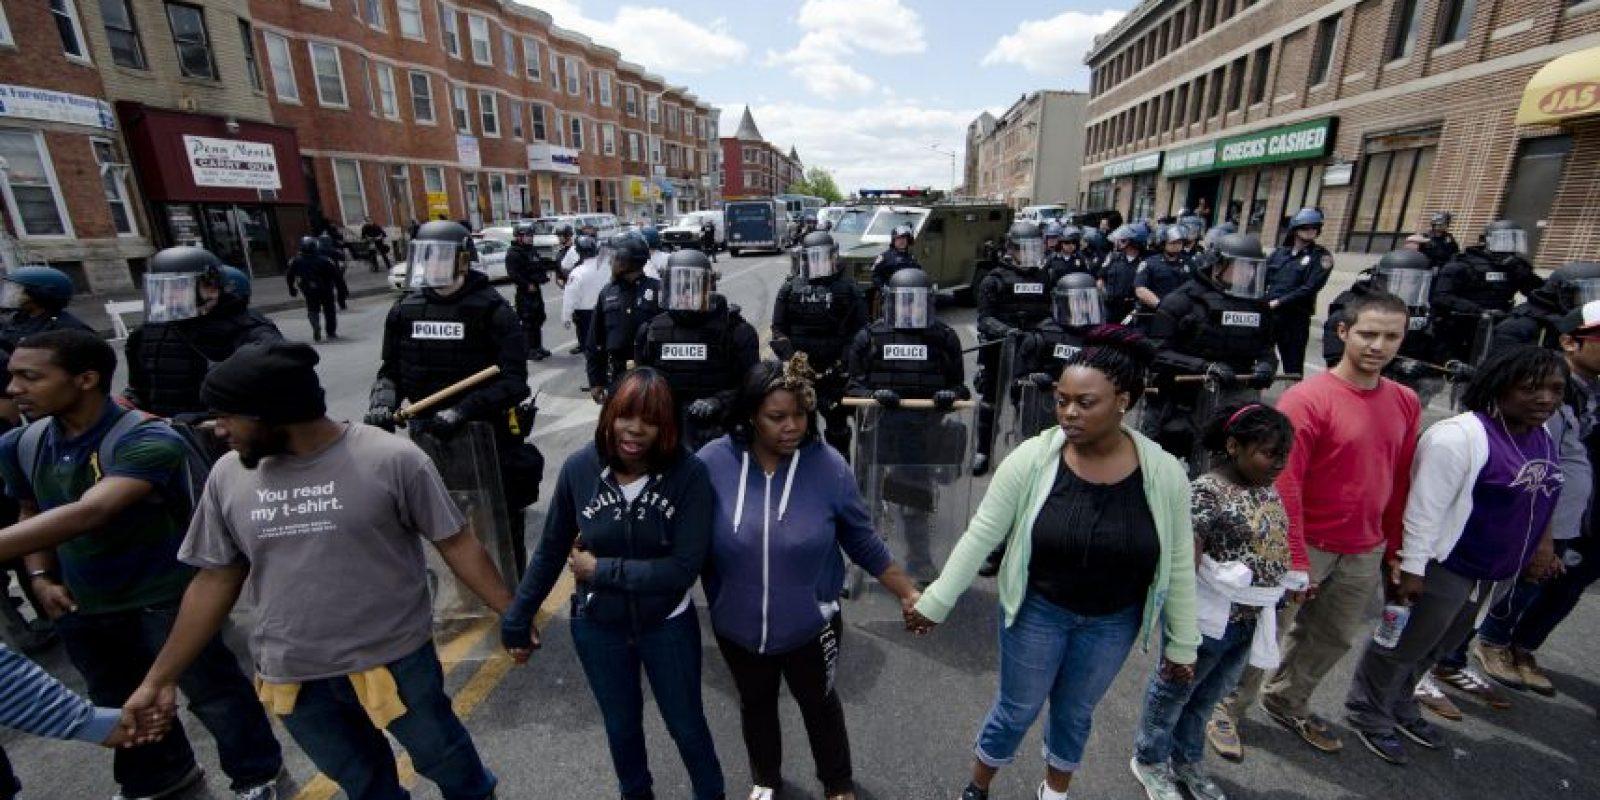 Los seis policías implicados en el caso fueron acusados de cargos penales que van desde el asesinato al asalto. Foto:AP